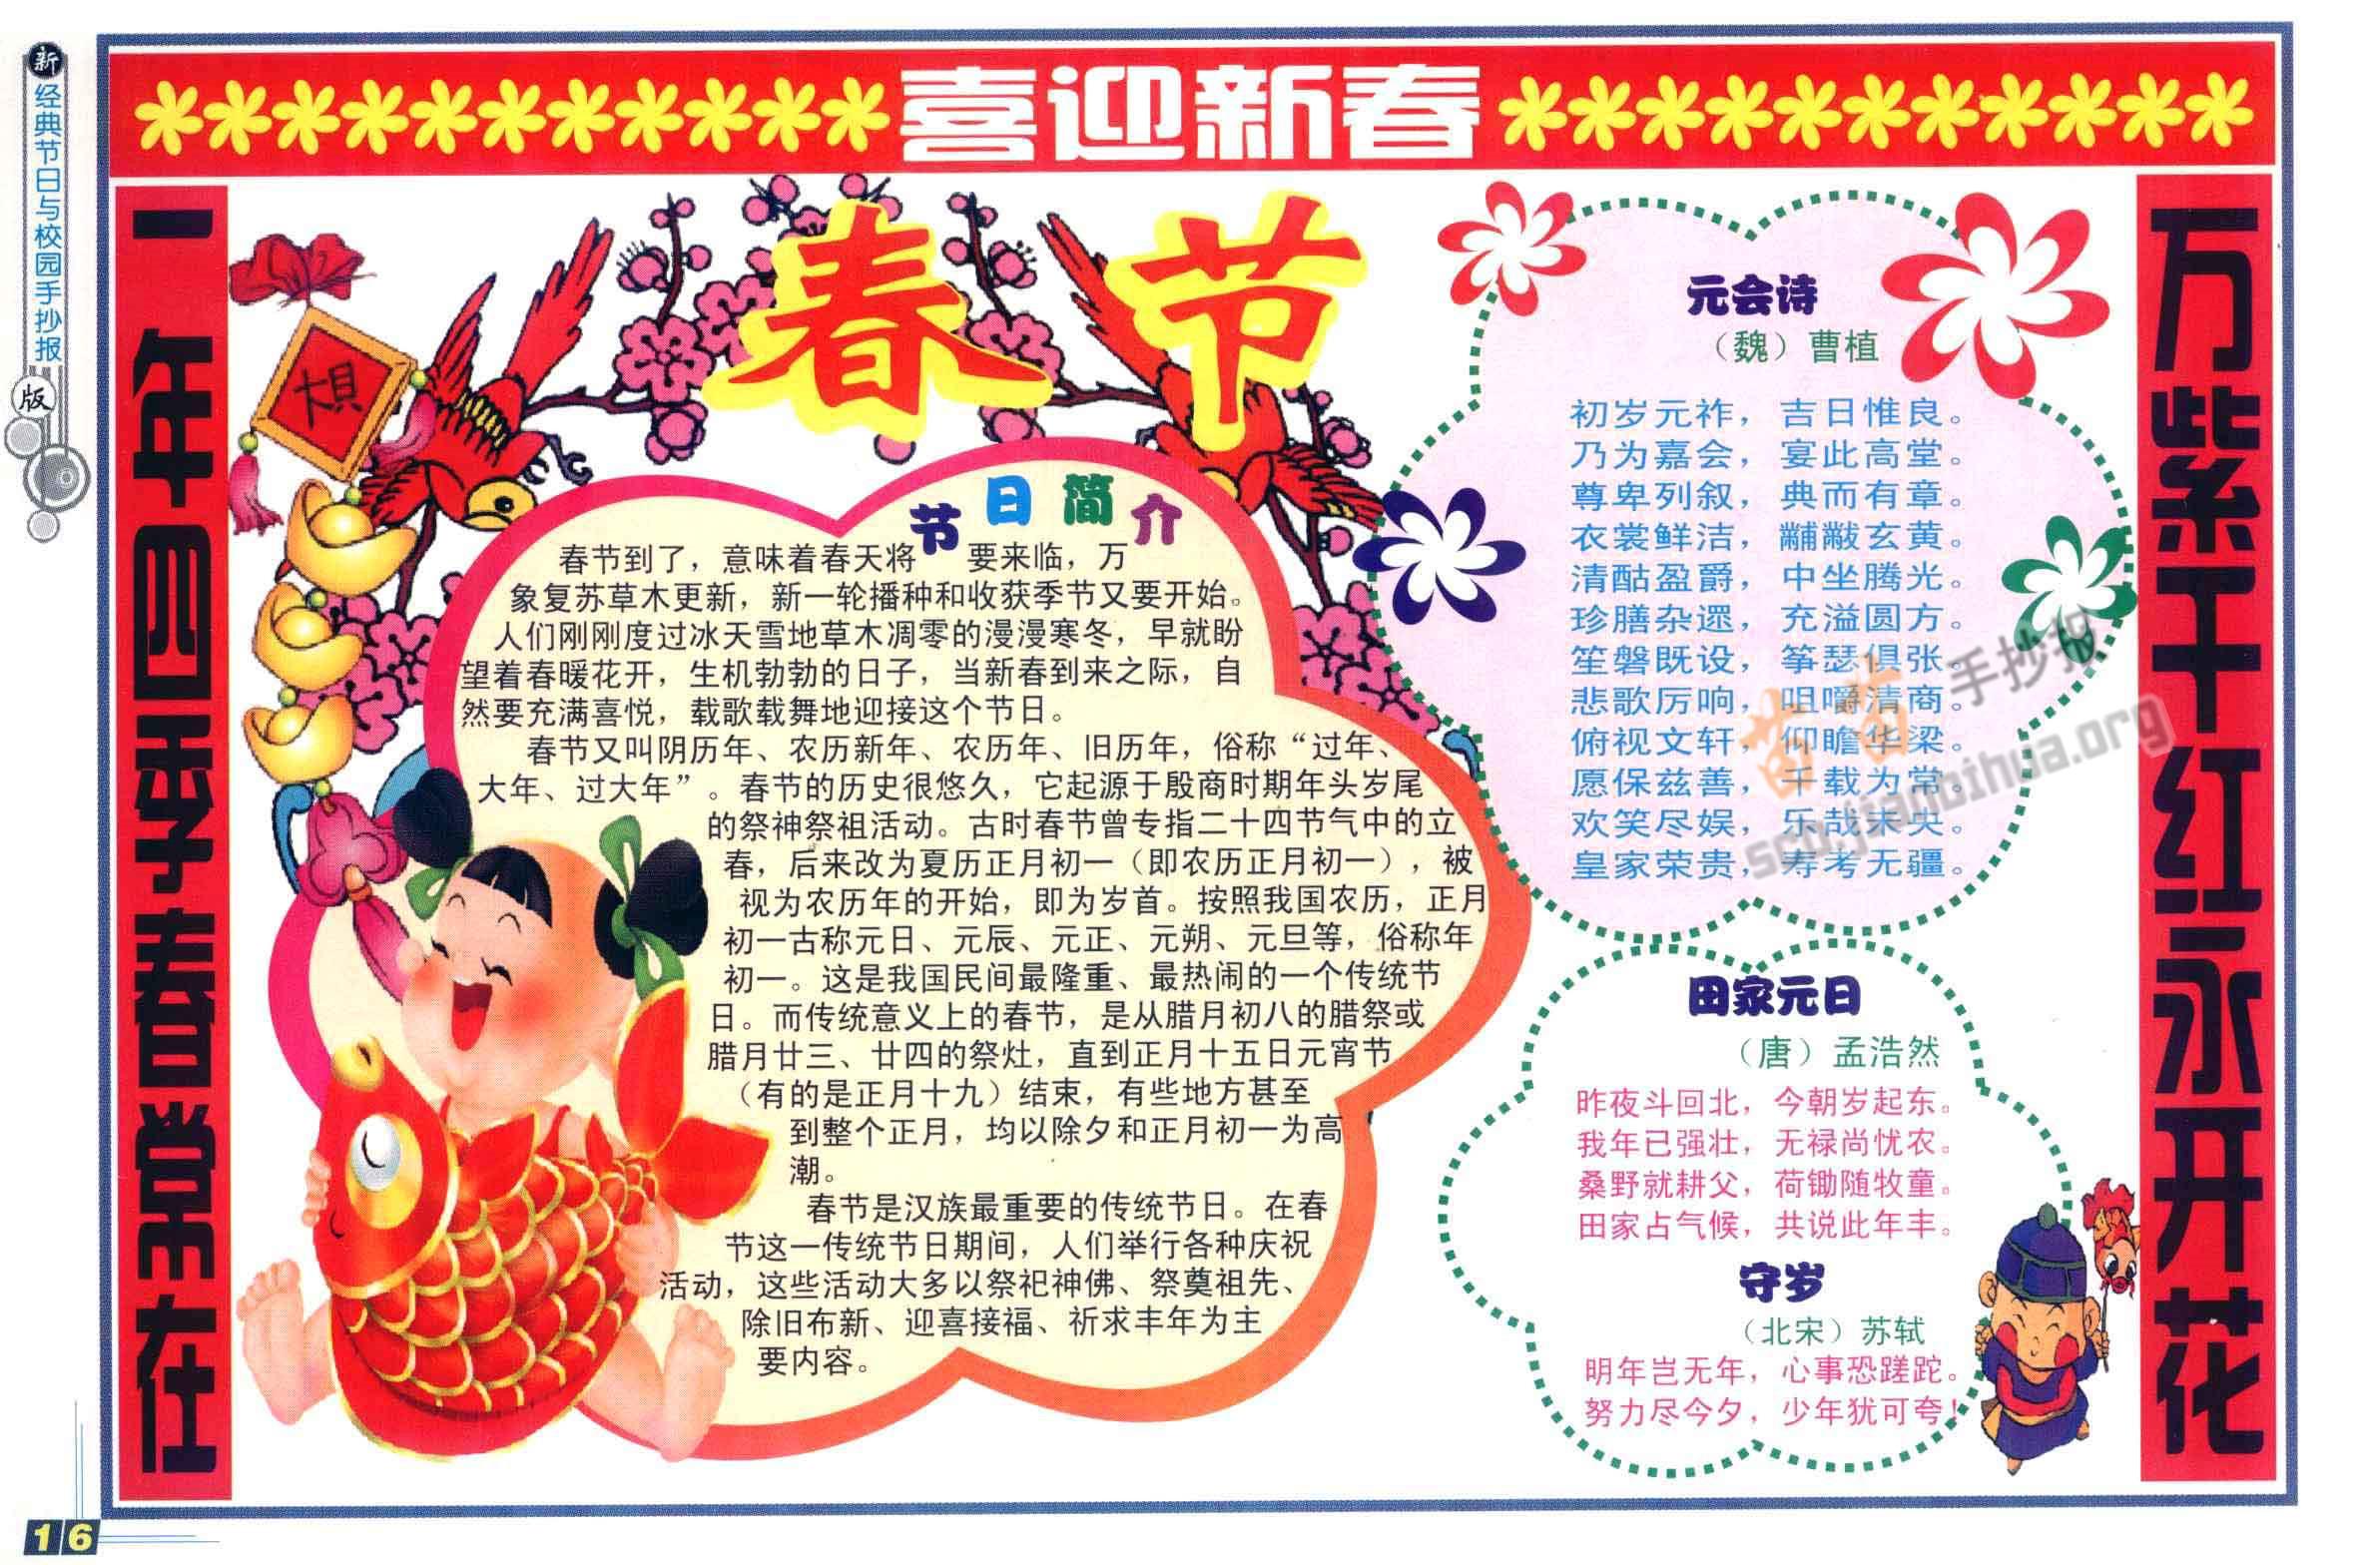 春节手抄报简单又漂亮,内容资料